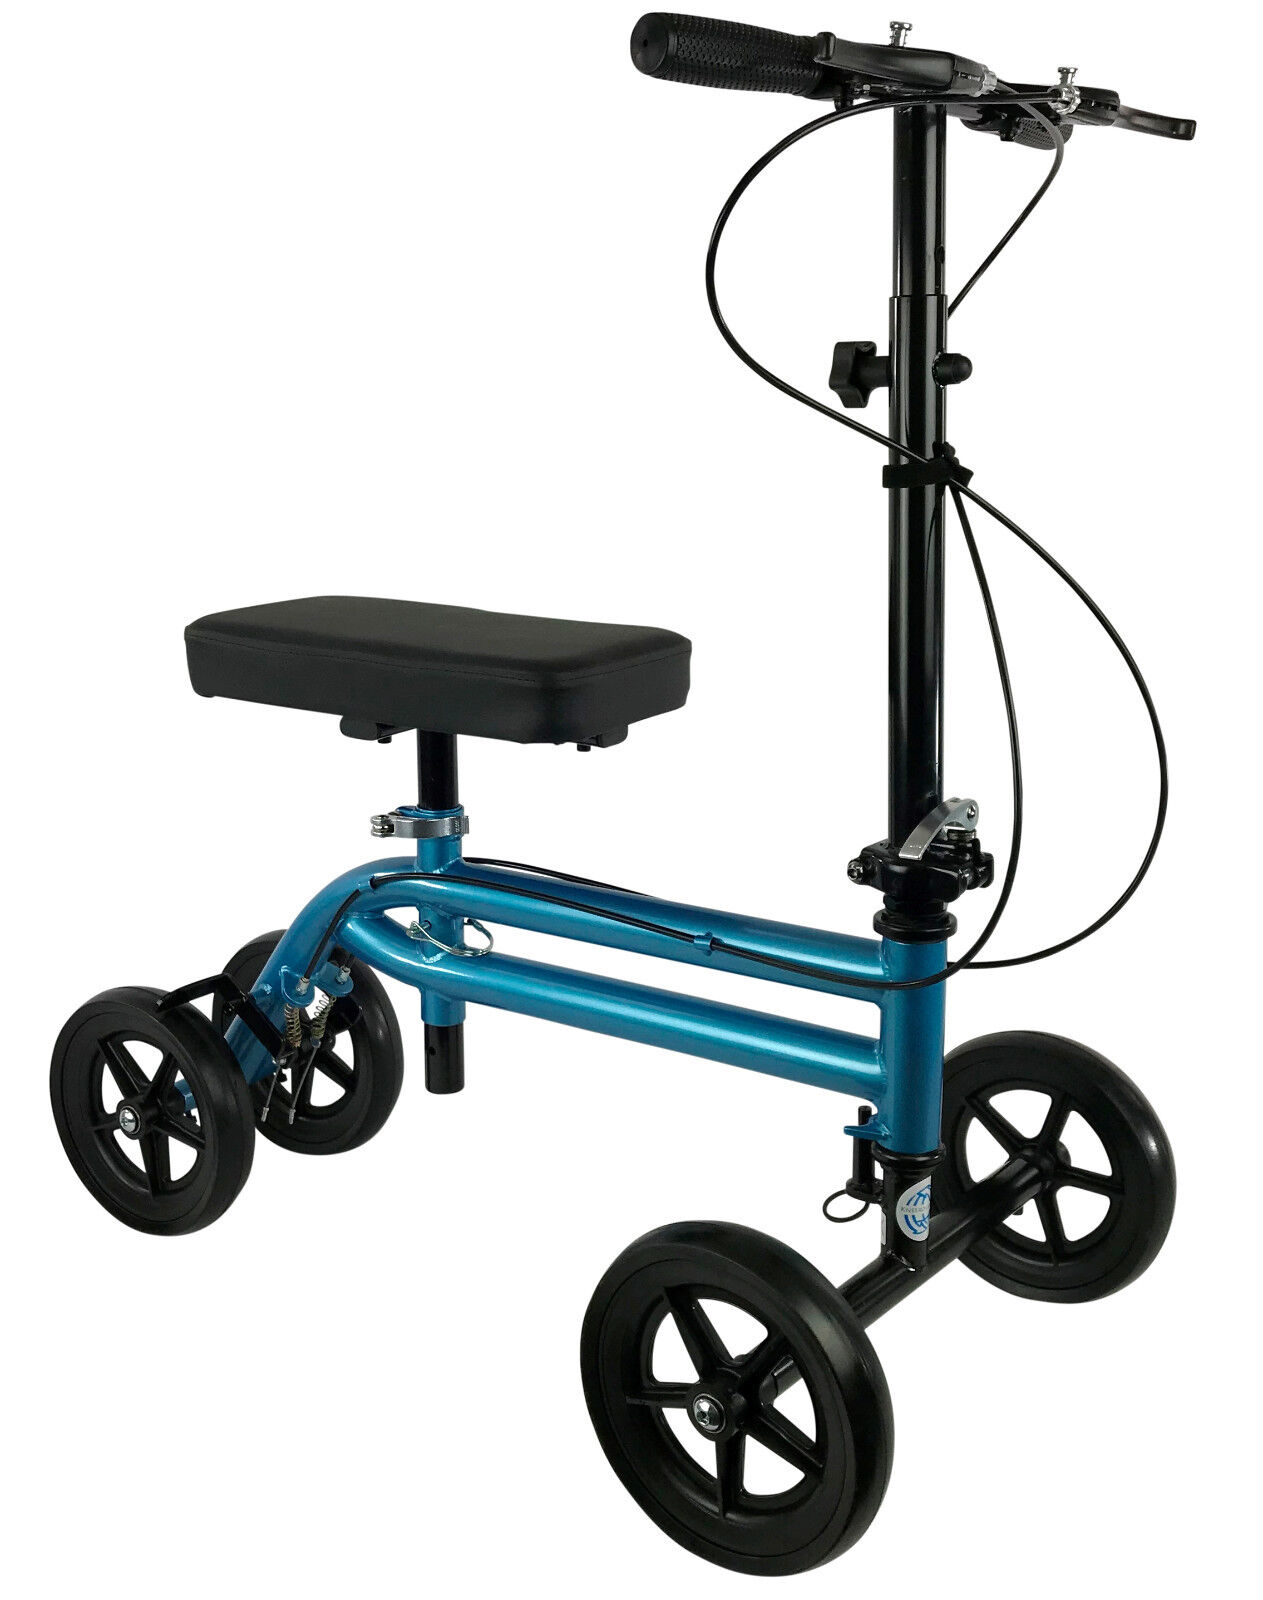 KneeRover Economy Knee Scooter Steerable Knee Walker in Meta